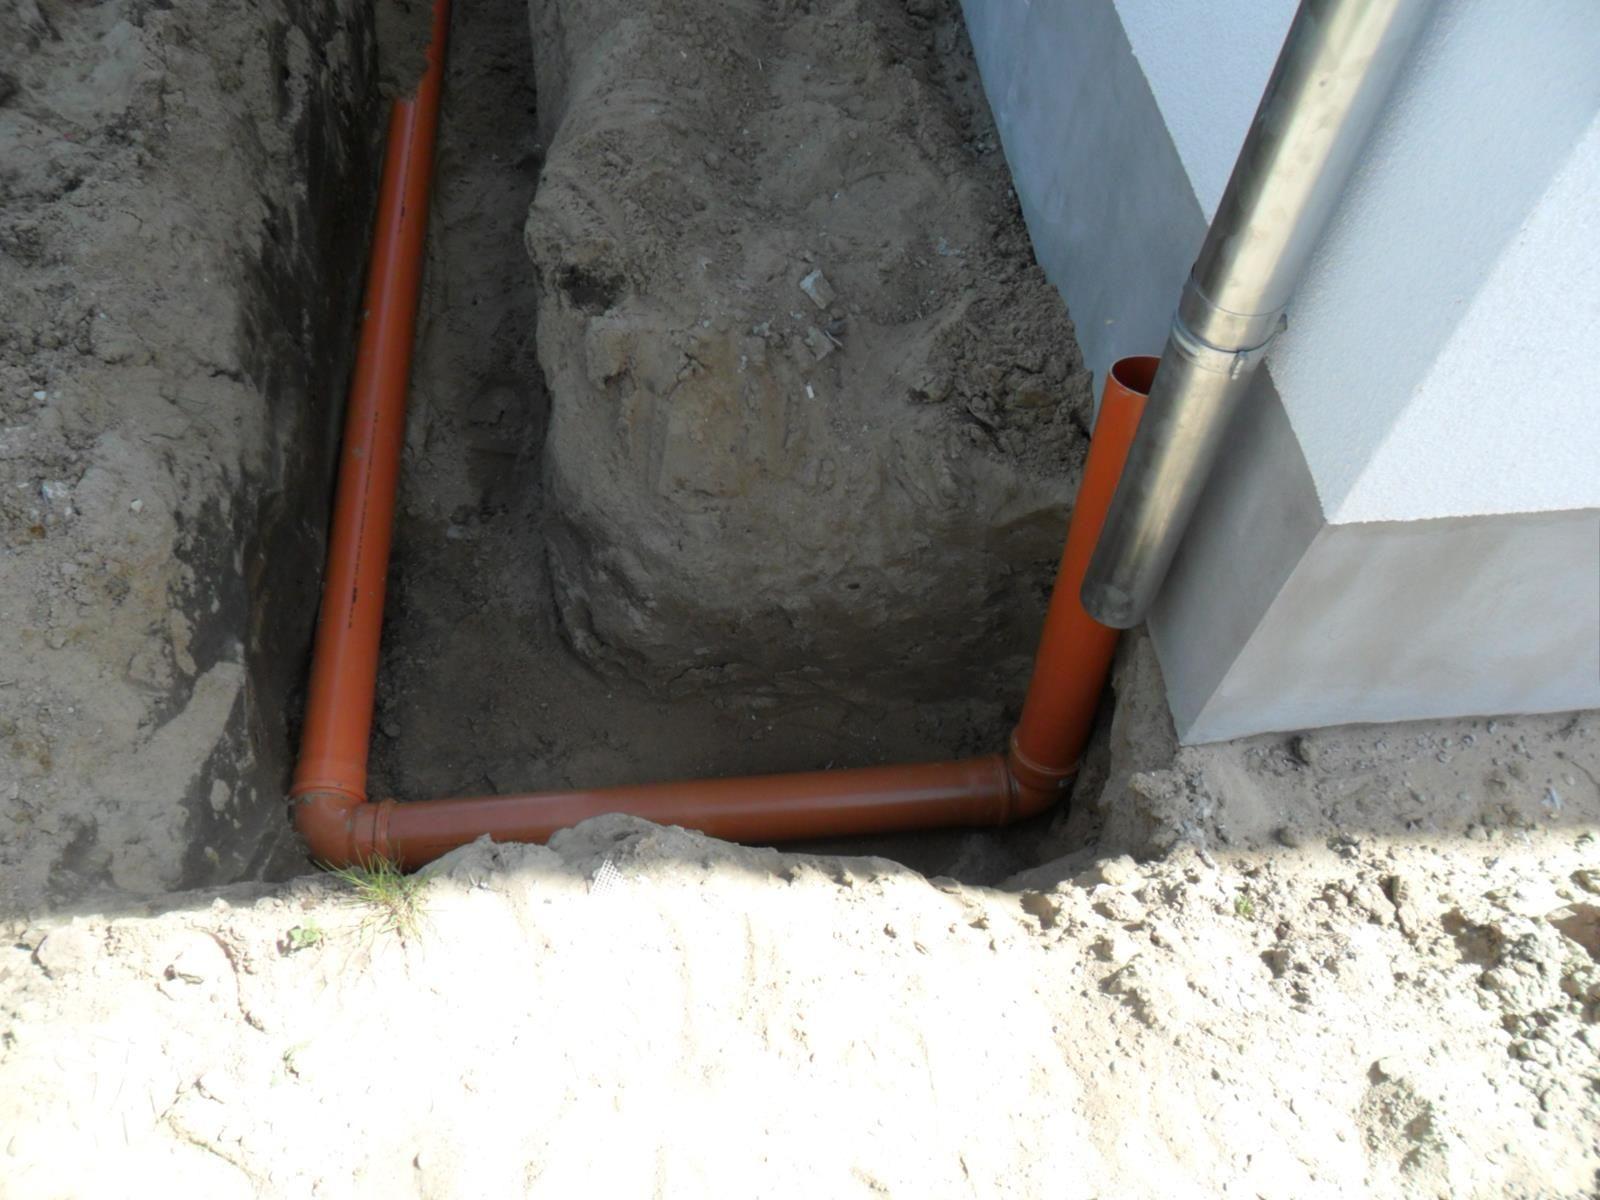 Sehr Entwässerung | Freiraummanagement - Garten- und Landschaftsgestaltung QQ53